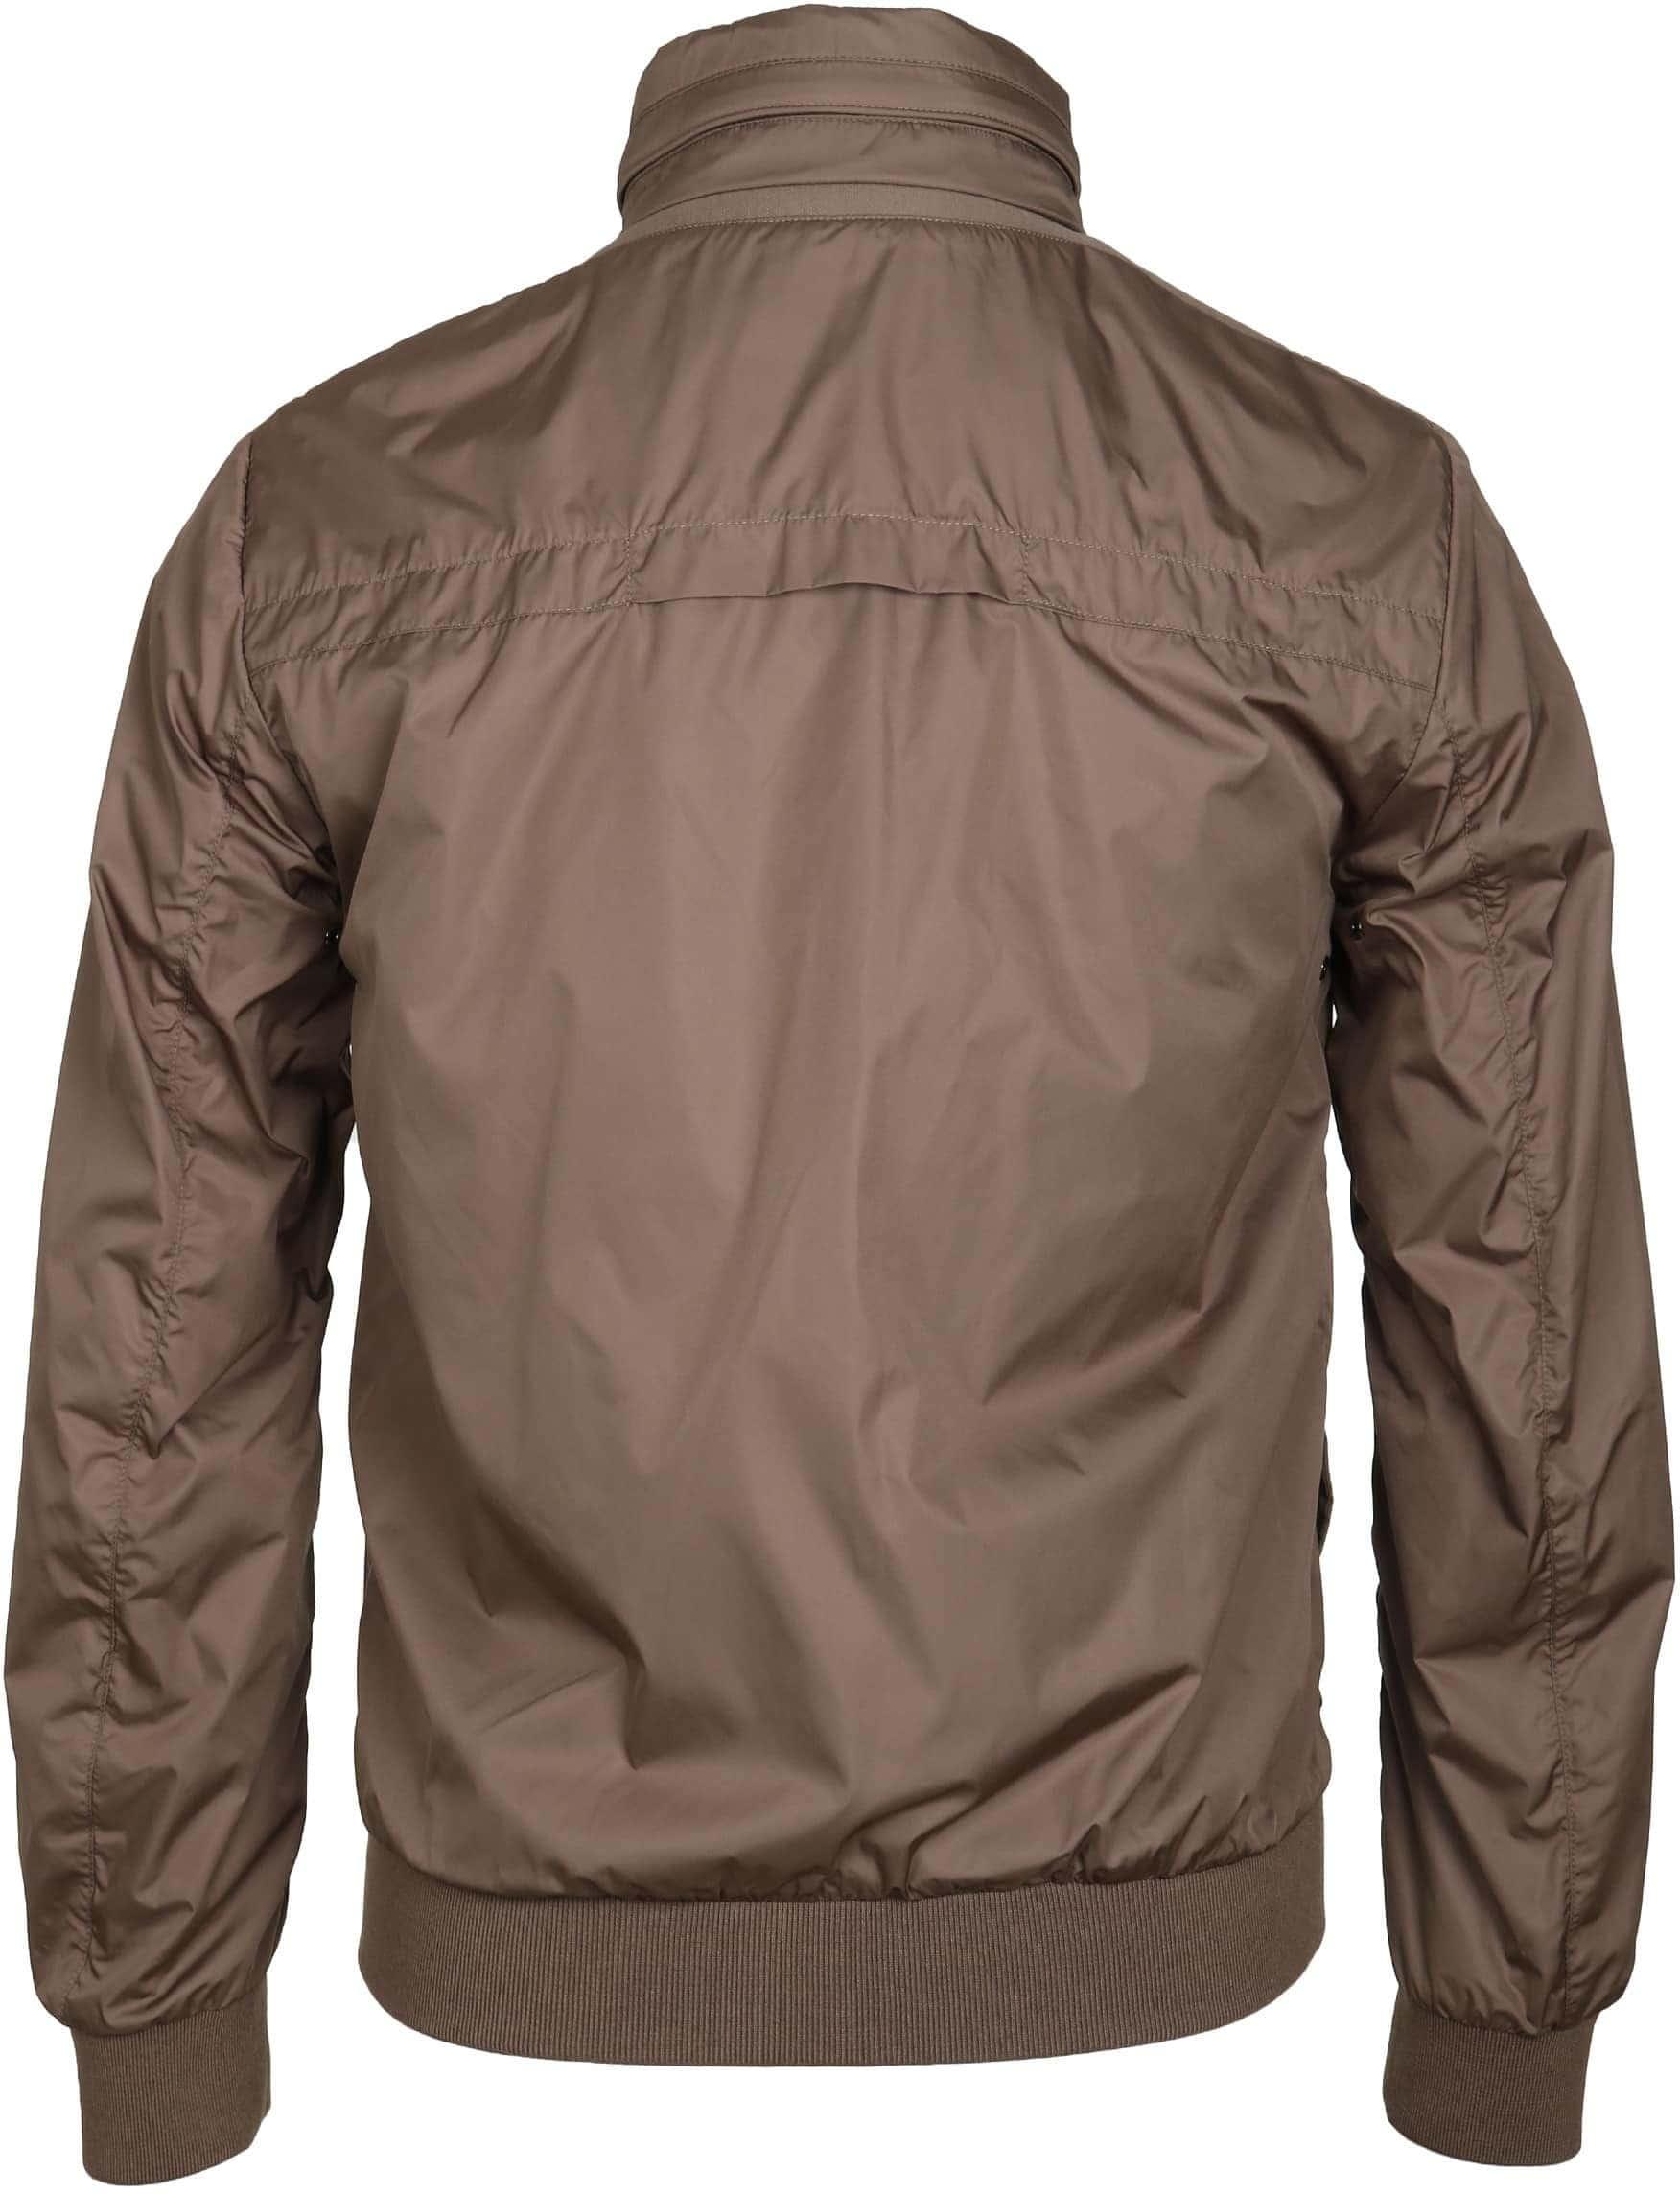 Geox Down Jacket Revers M8221f Tc112 F6180 Order Online